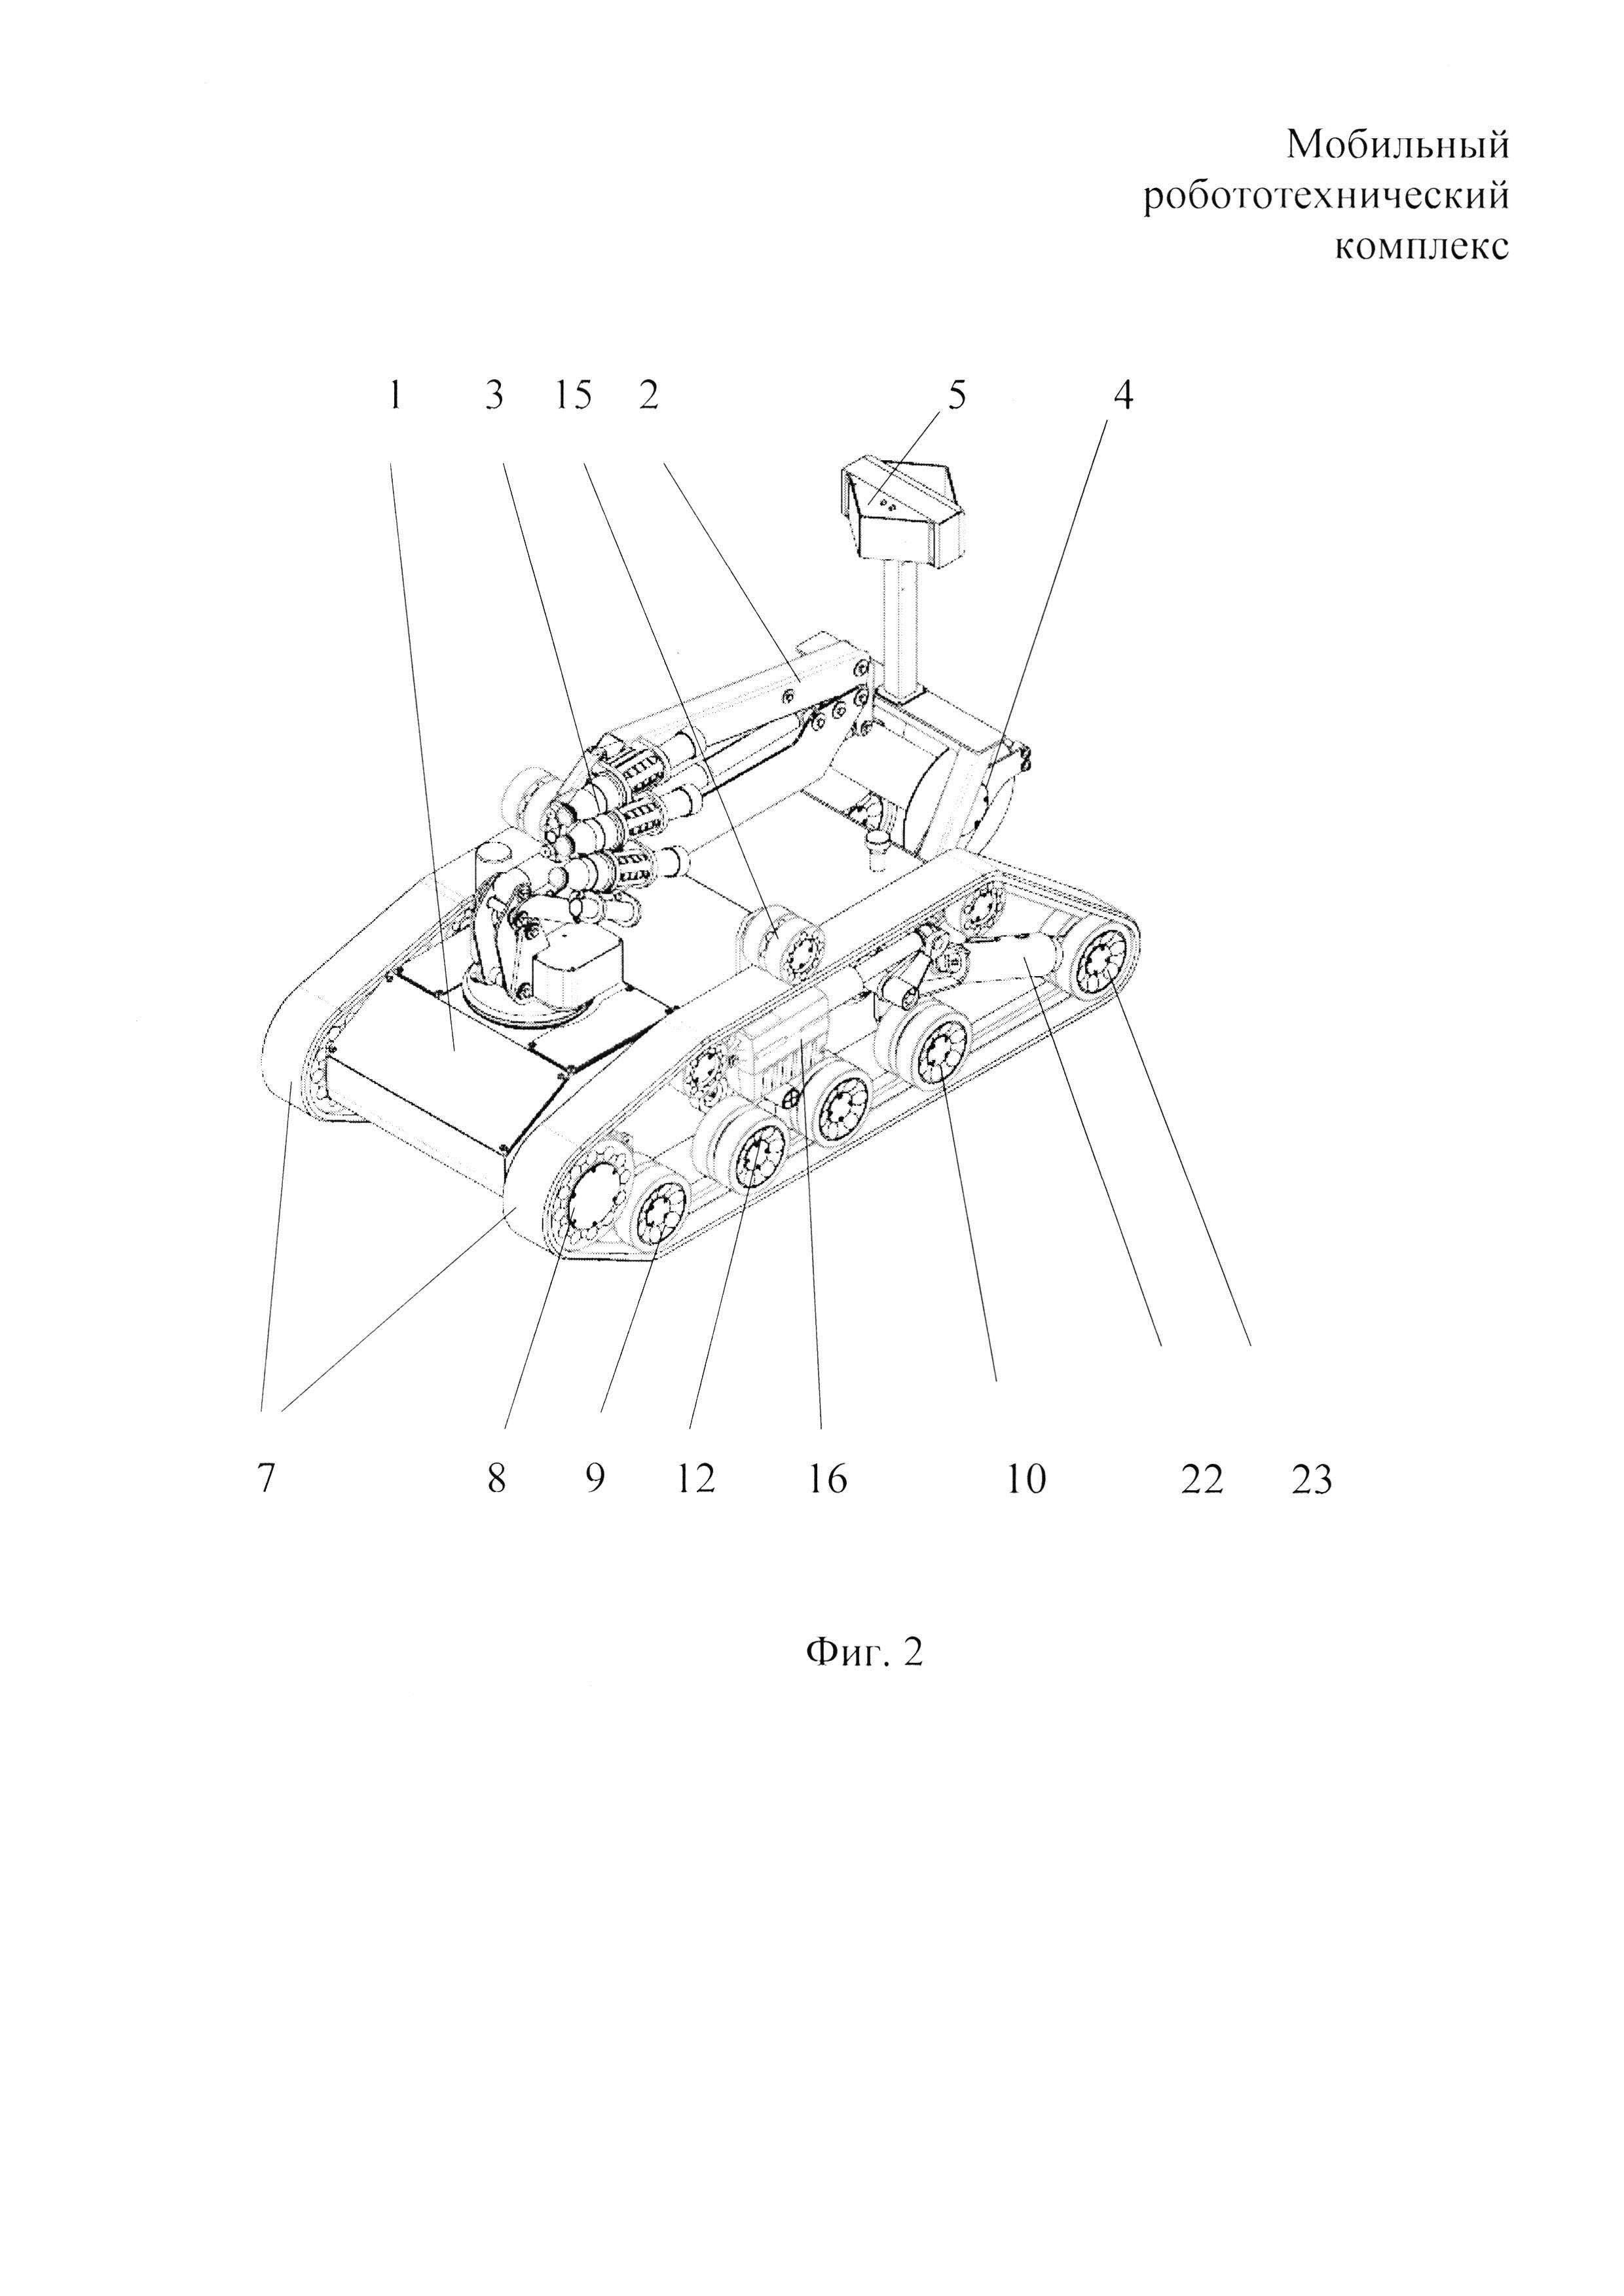 Мобильный робототехнический комплекс